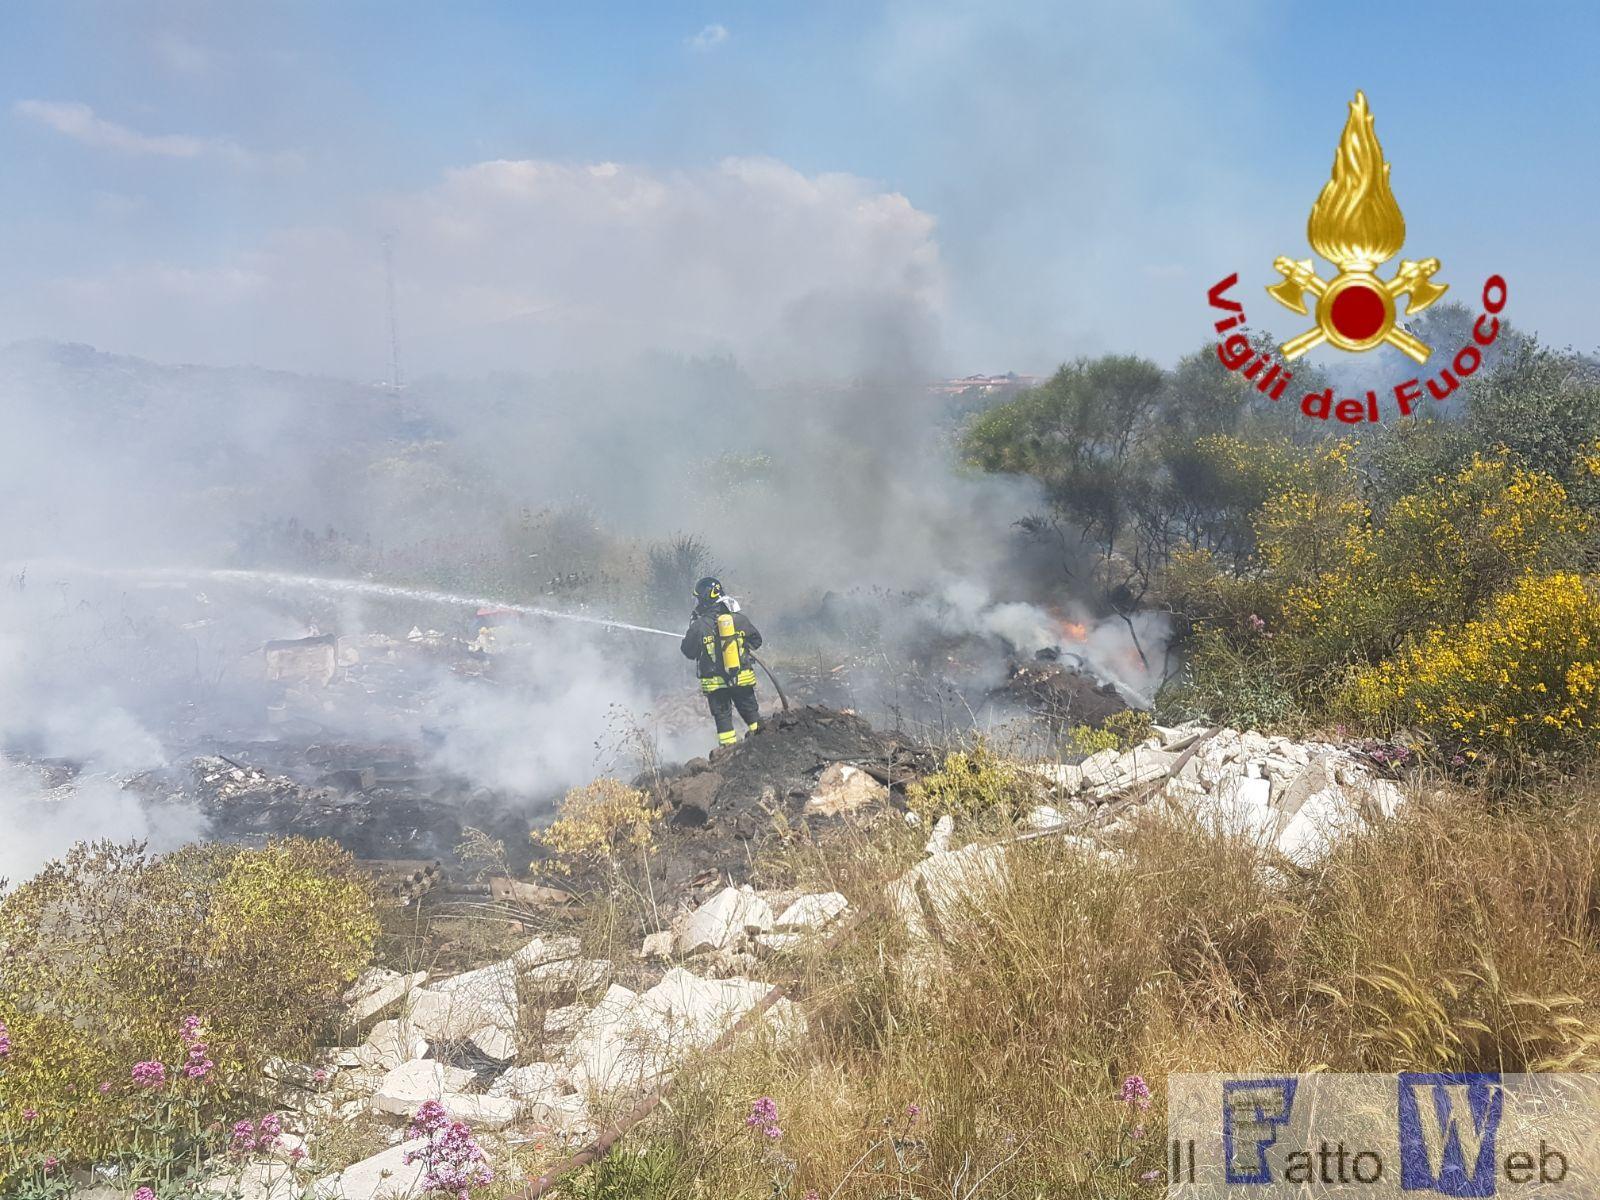 Misterbianco: 2 ettari di  incendio di rifiuti in corso